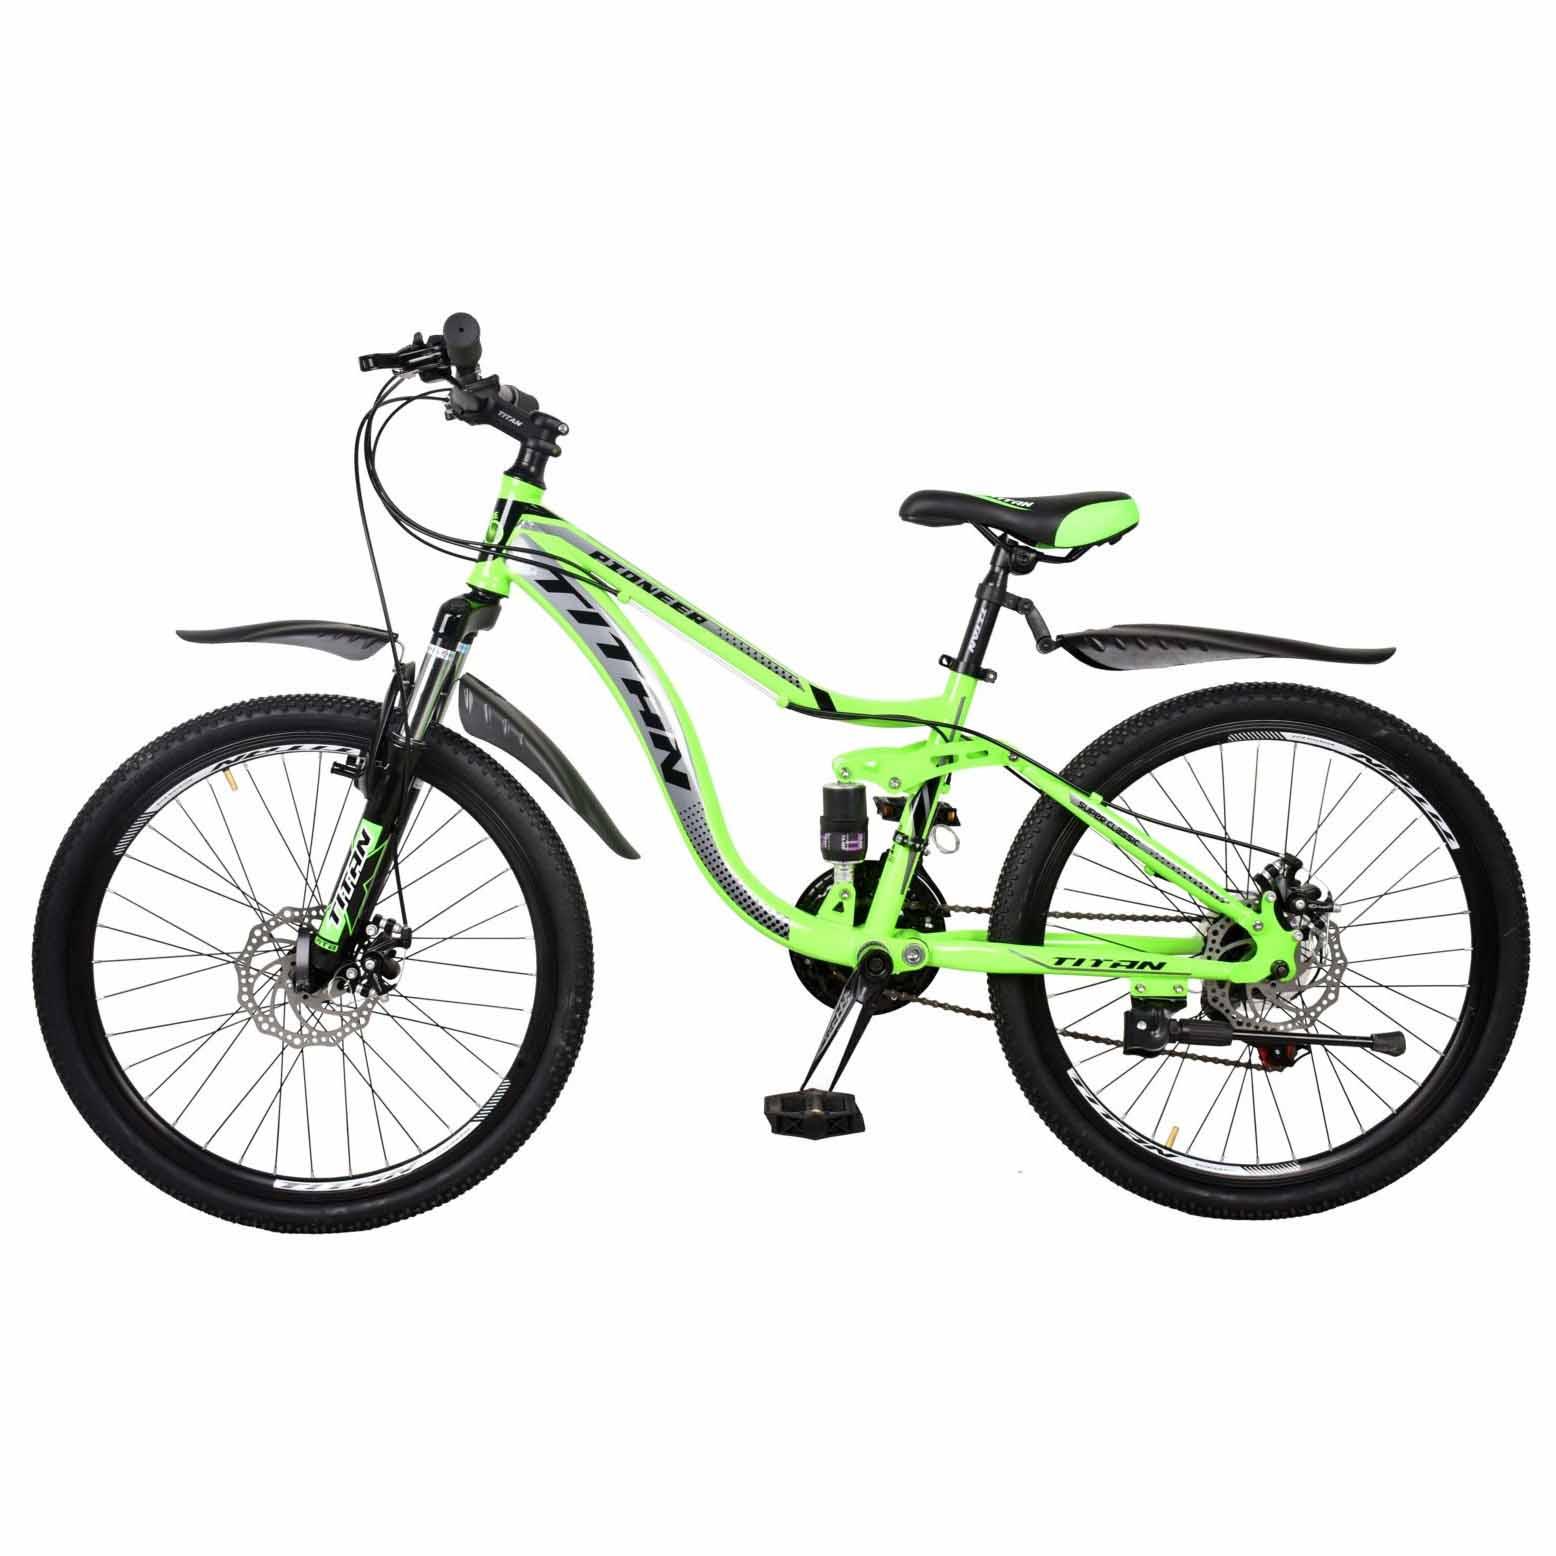 Фото Горный Велосипед 24 Titan Pioneer зелено-серо-черный 2019